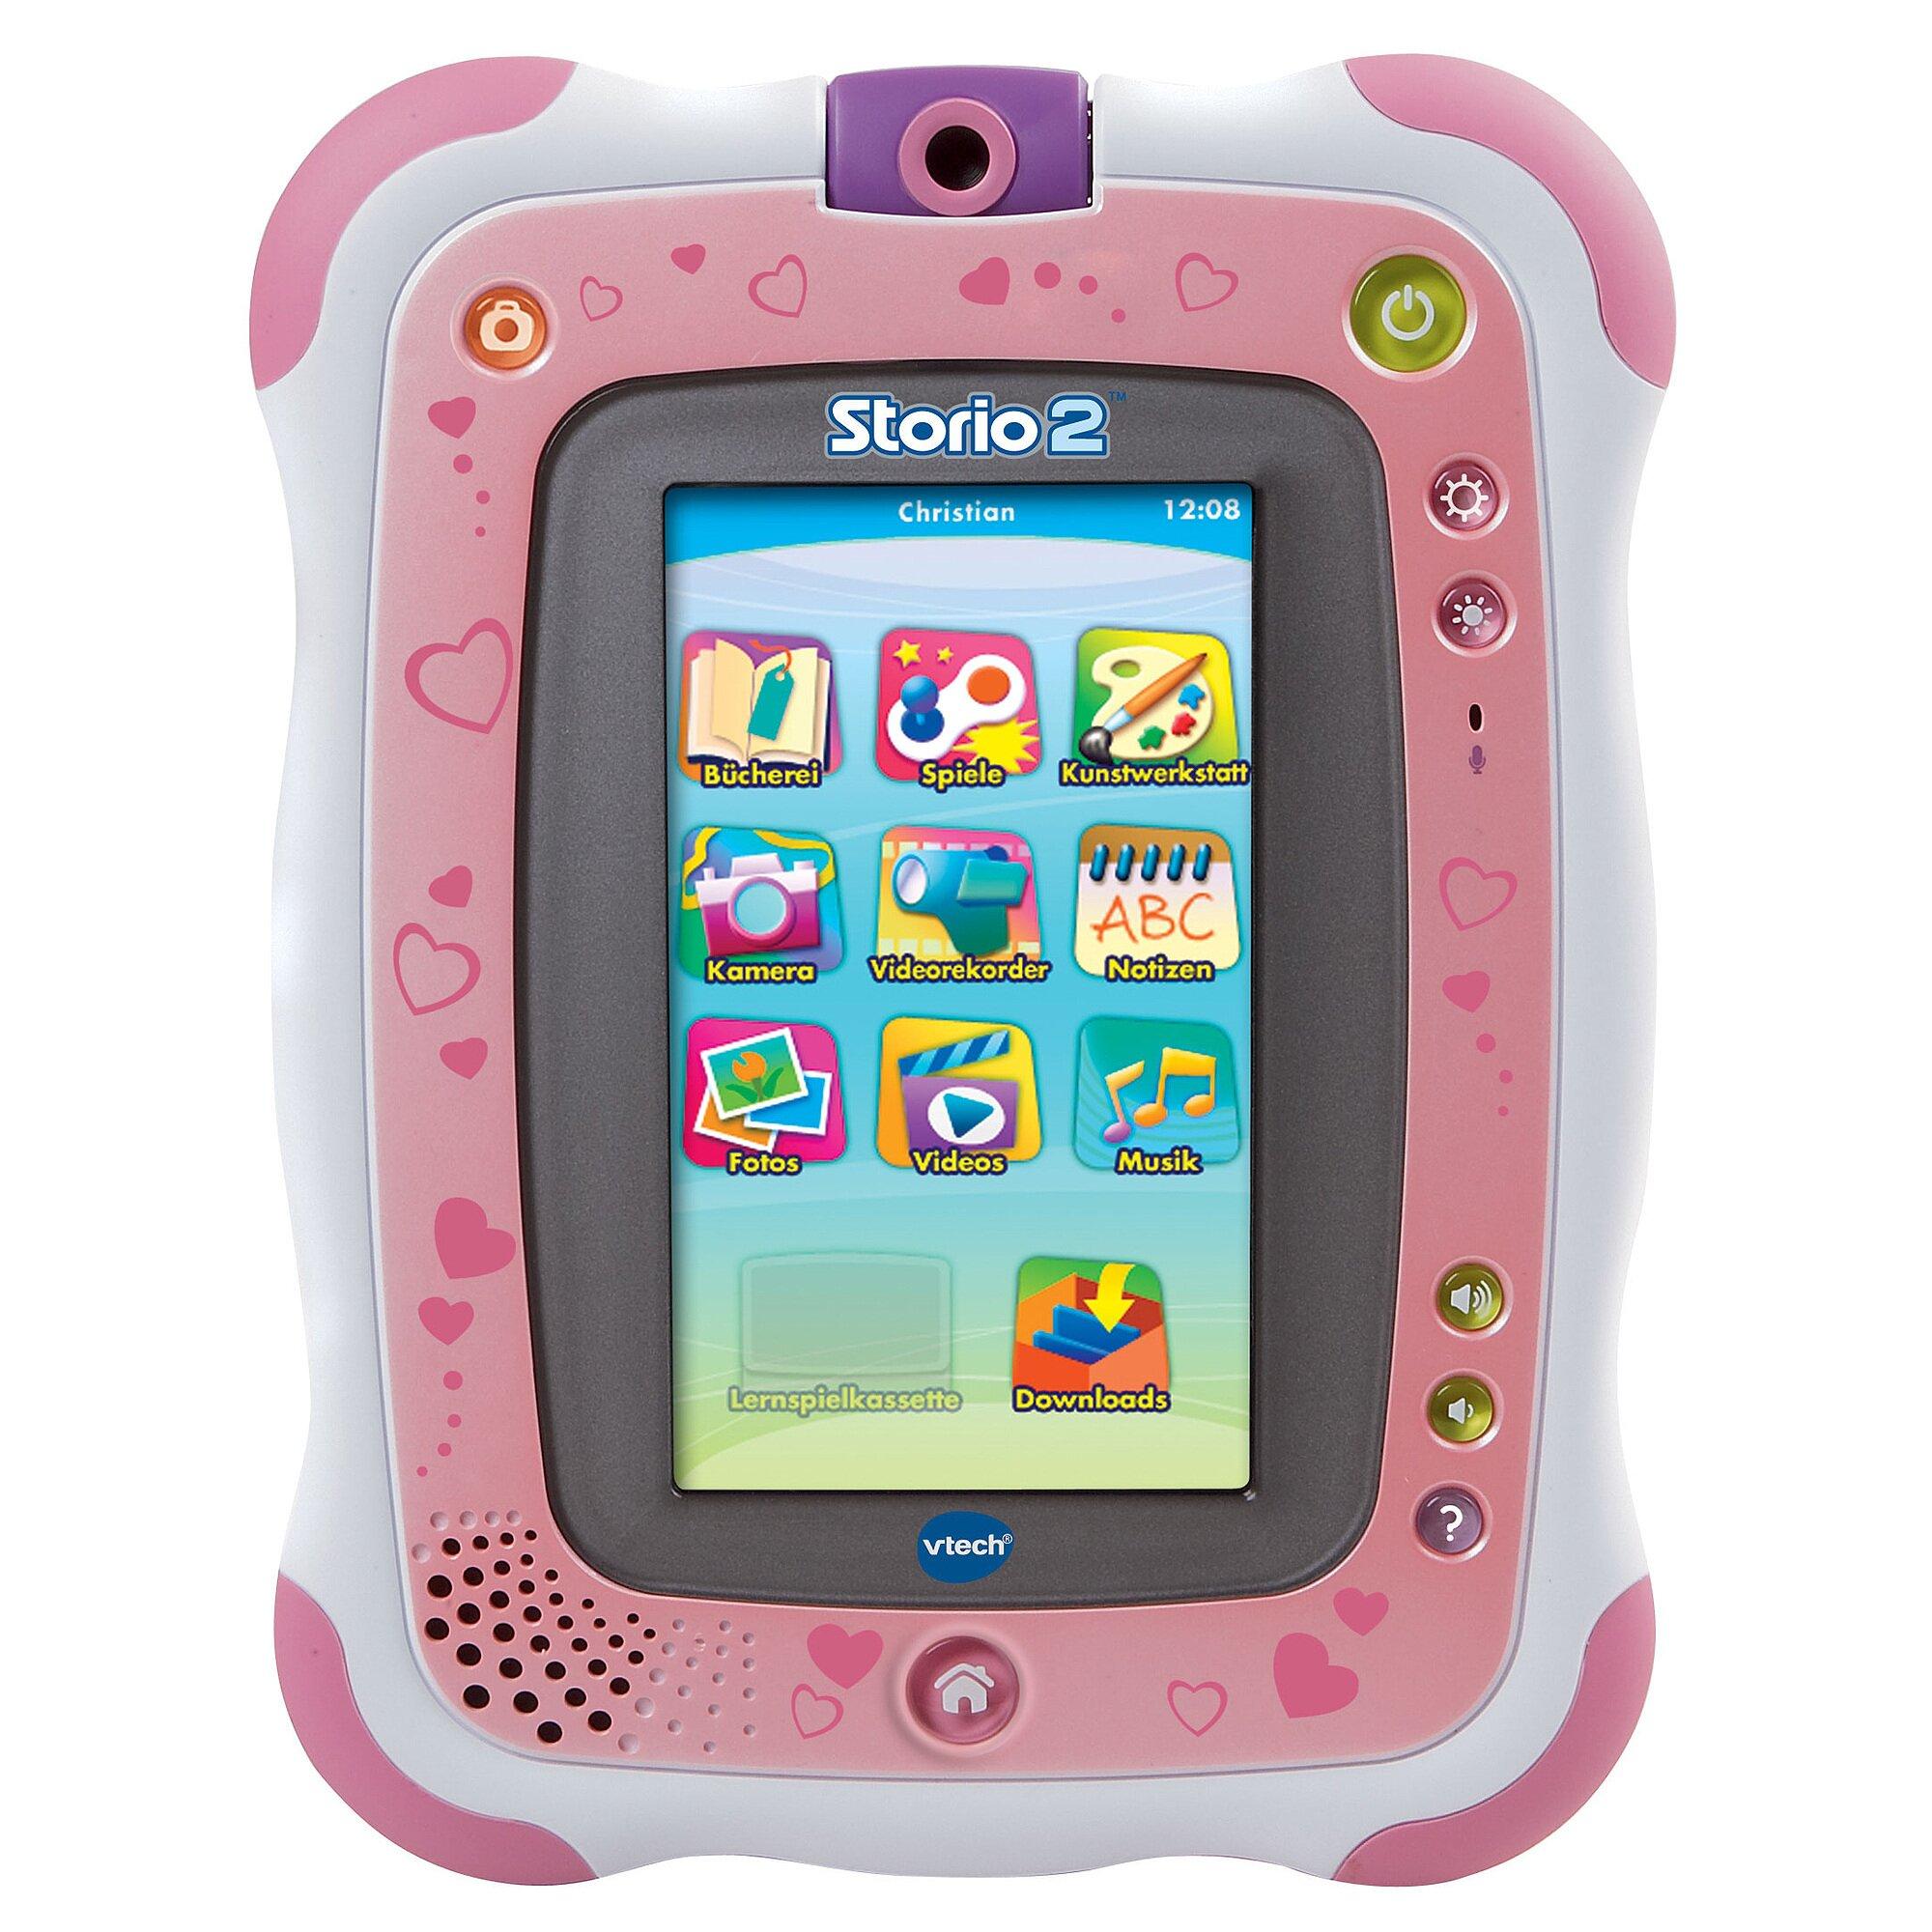 STORIO2 Storio 2 pink